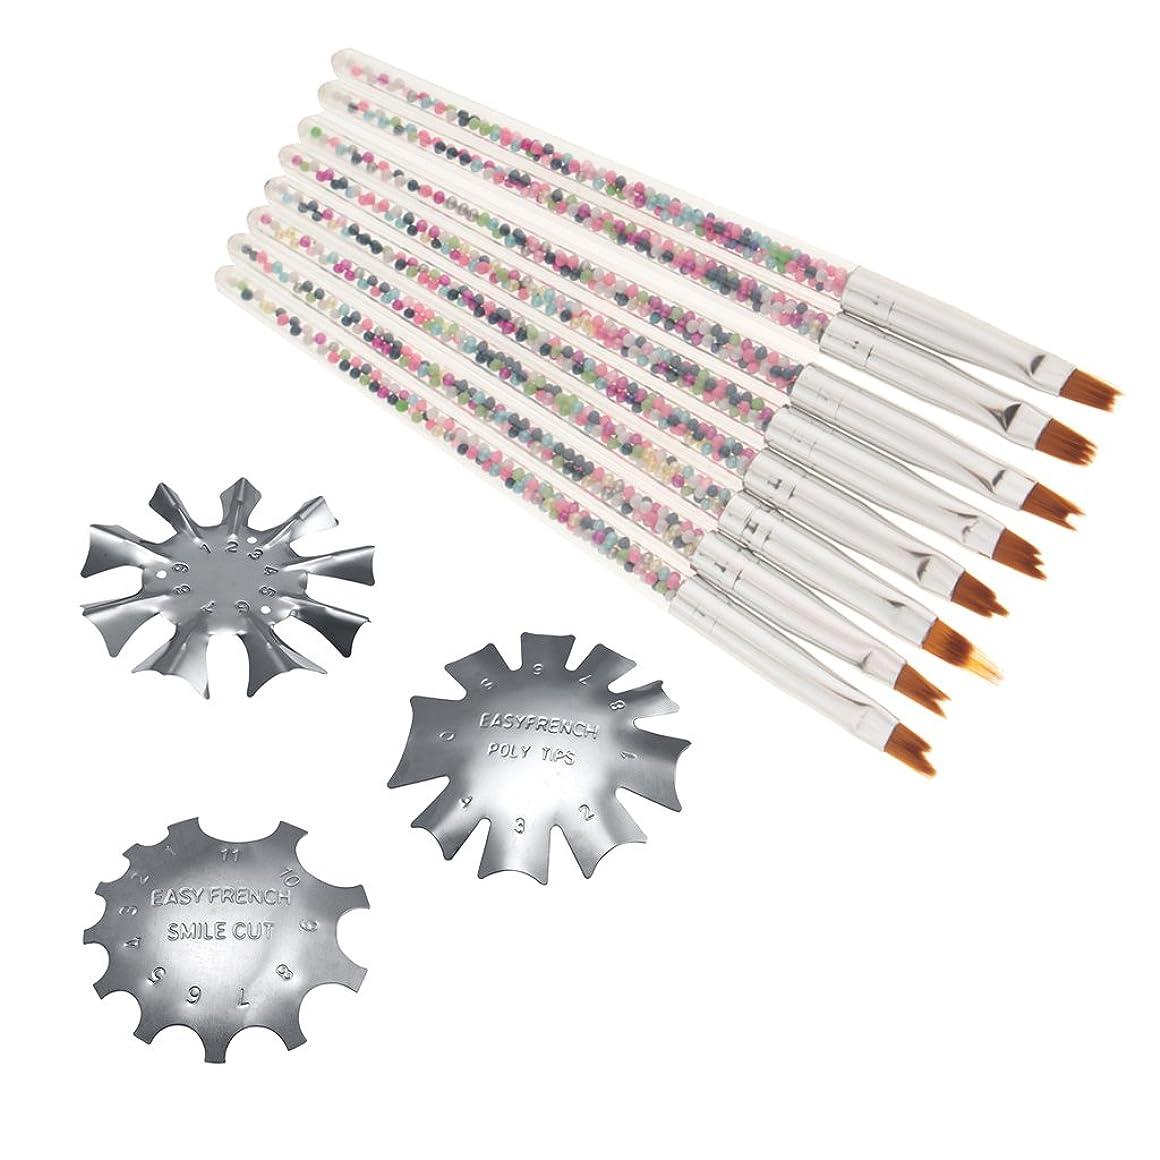 あいまいな建設花火SM SunniMix ネイルガイド フランスネイル ネイルブラシ マニキュアブラシ ネイル道具 ネイル用ツール